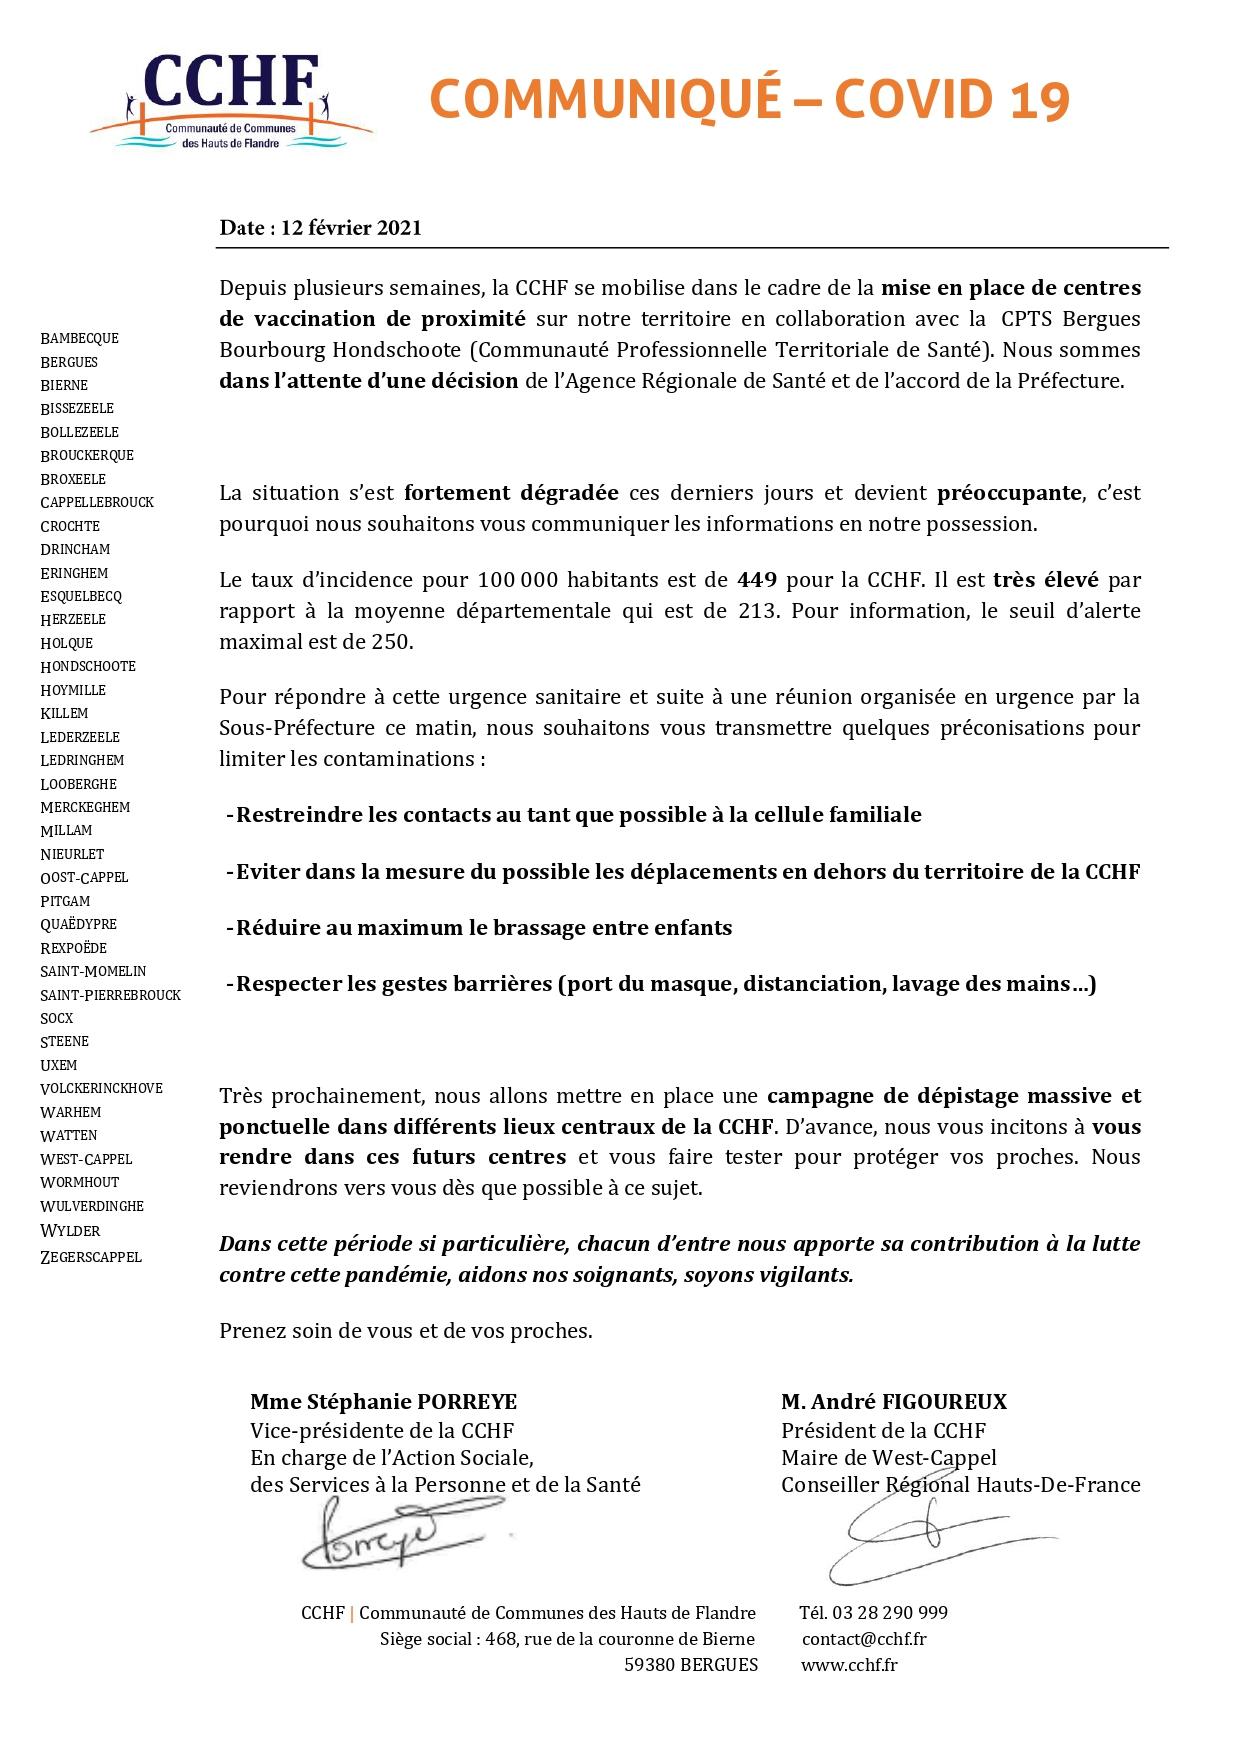 CP - Communiqué COVID 19 - 12.02.2021-1_page-0001.jpg